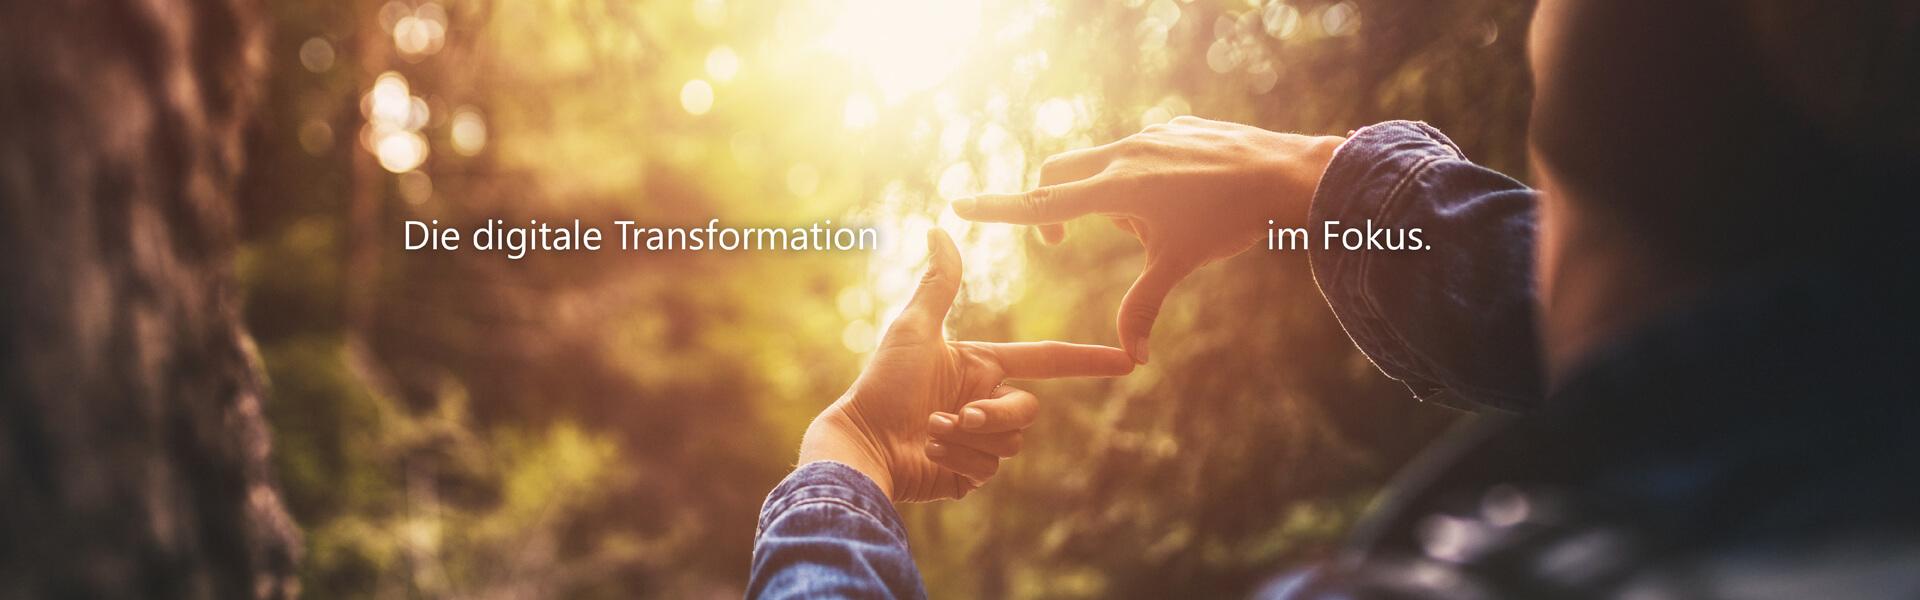 is-650221752-1920x600-die-digitale-transformation